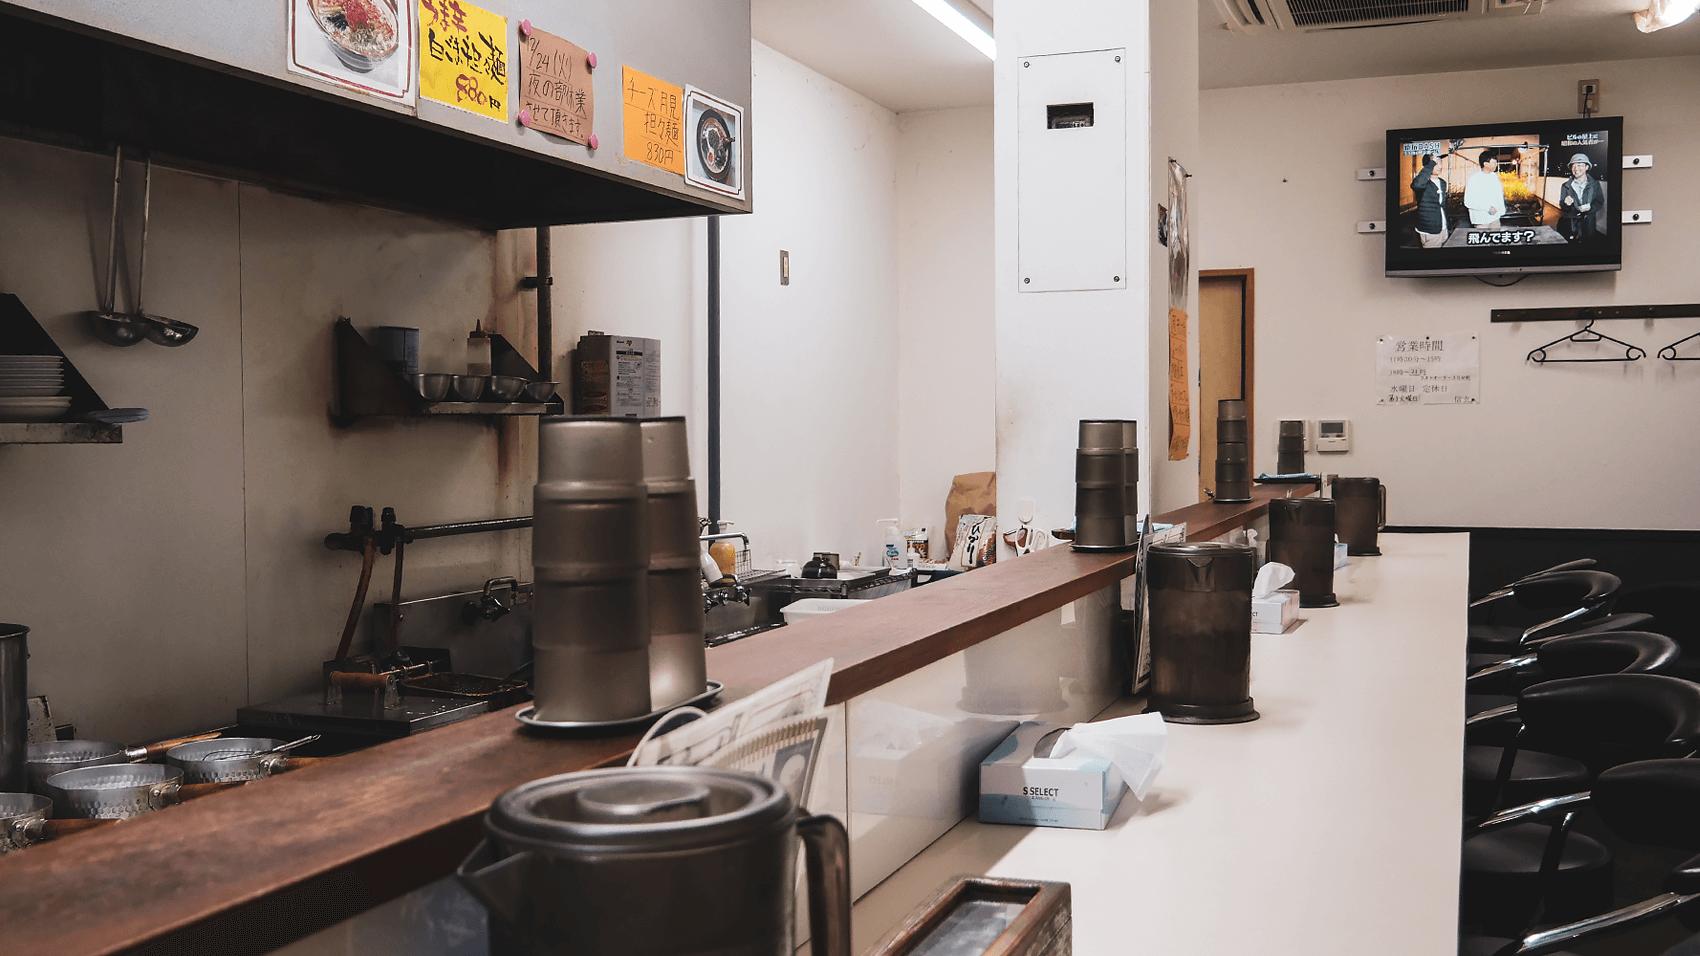 担々麺 信玄の店内の雰囲気